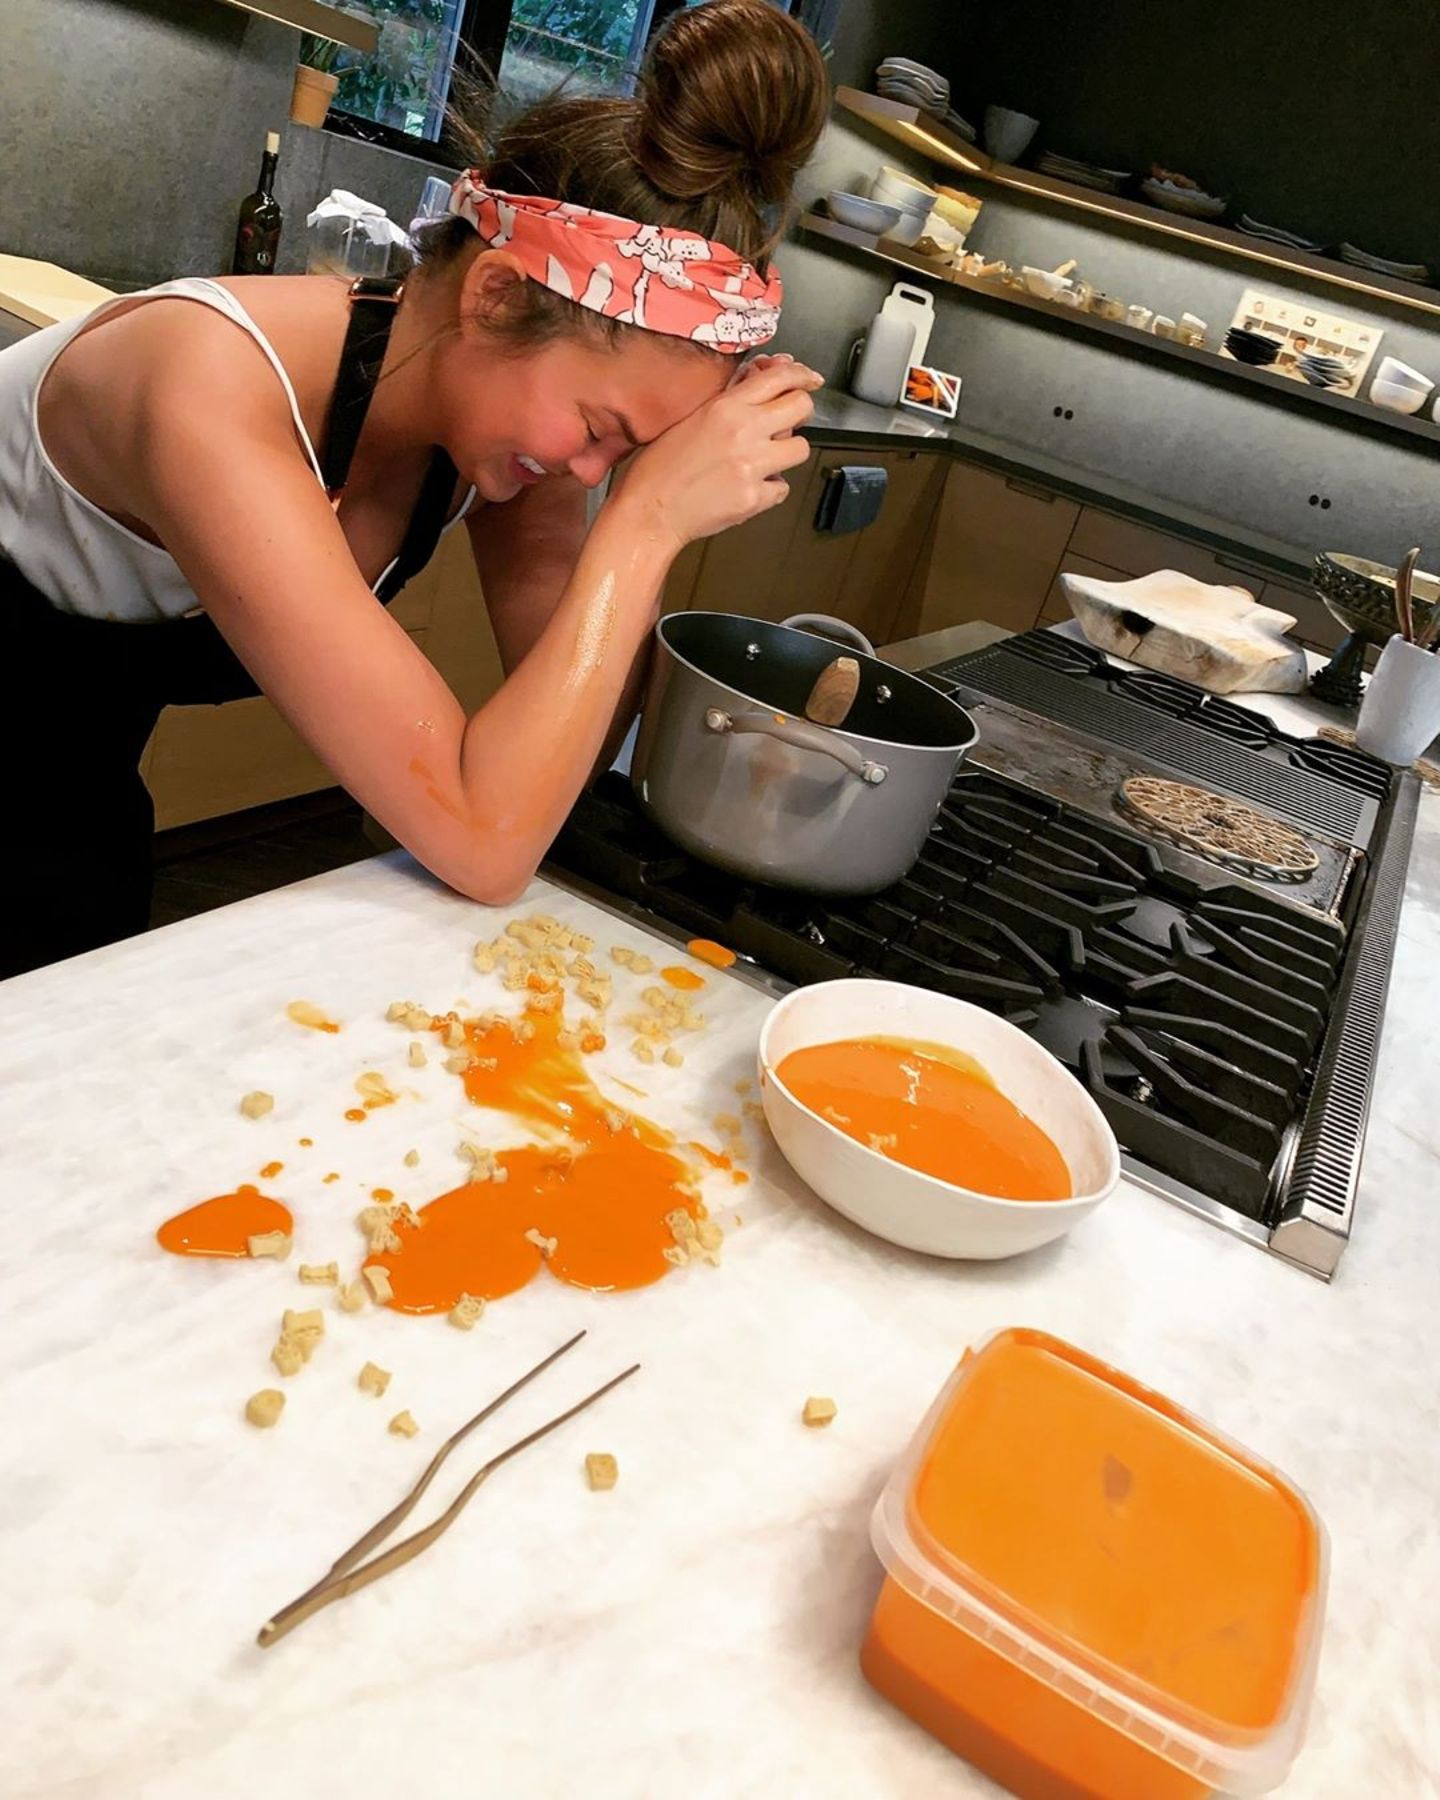 Über ihr kleines Küchen-Malheur kann Chrissy Teigen herzlich lachen: Beim Umfüllen ihrer farbenfrohen Wintersuppe landet eine große Kelle nicht im, sondern neben dem Teller. Mit einem Foto dokumentiert sie das Mini-Missgeschick für ihre Instagram-Community – herrlich sympathisch!